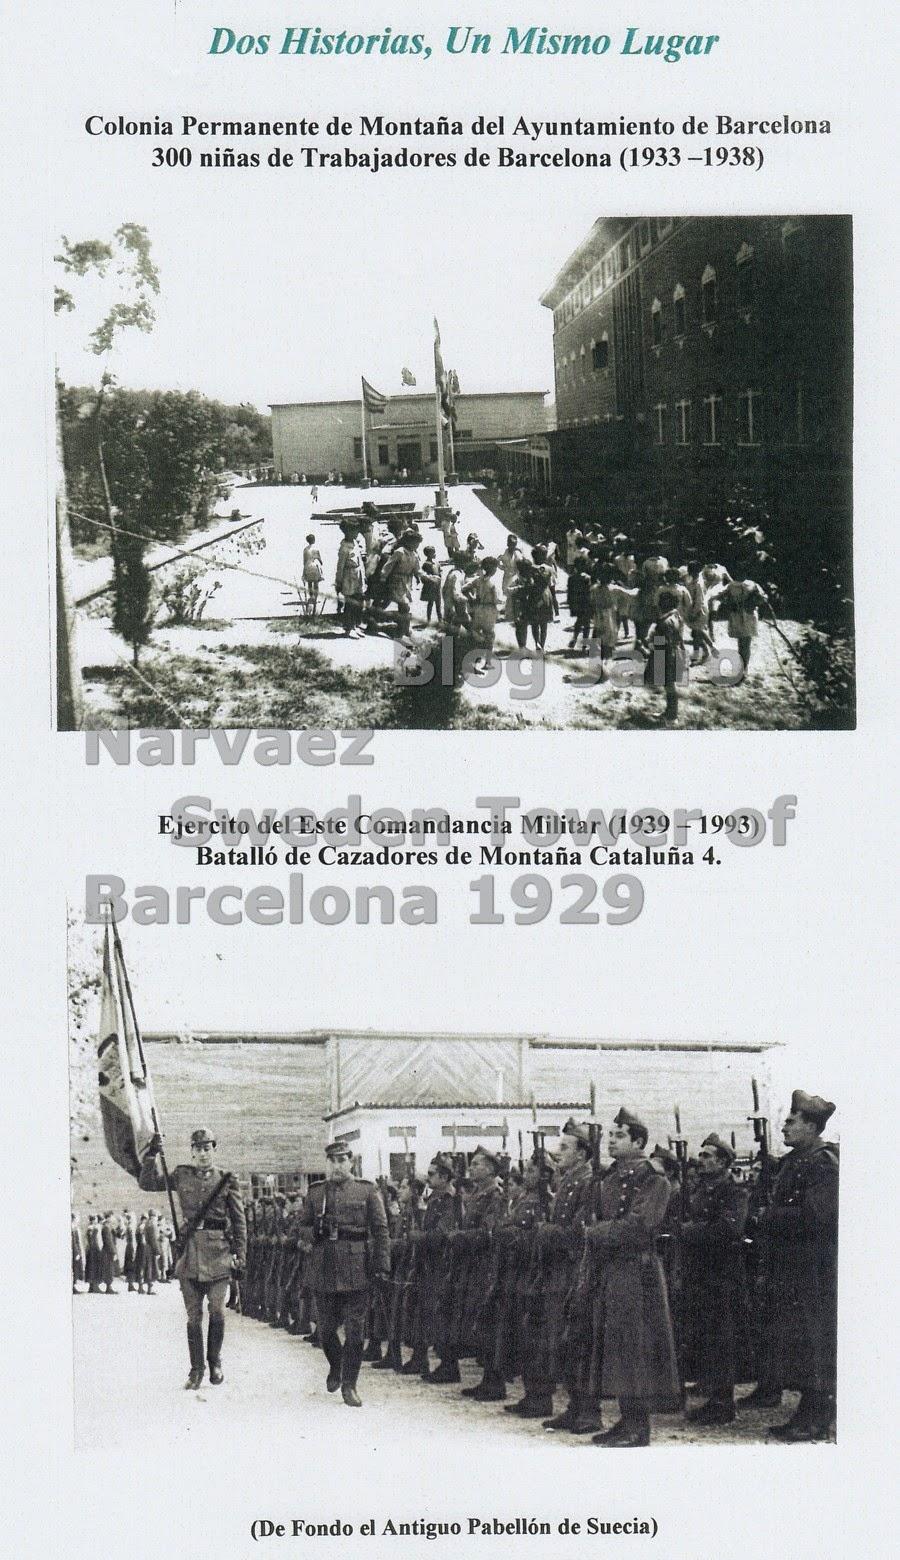 Versión Militar Pabellón de Caballeriza.